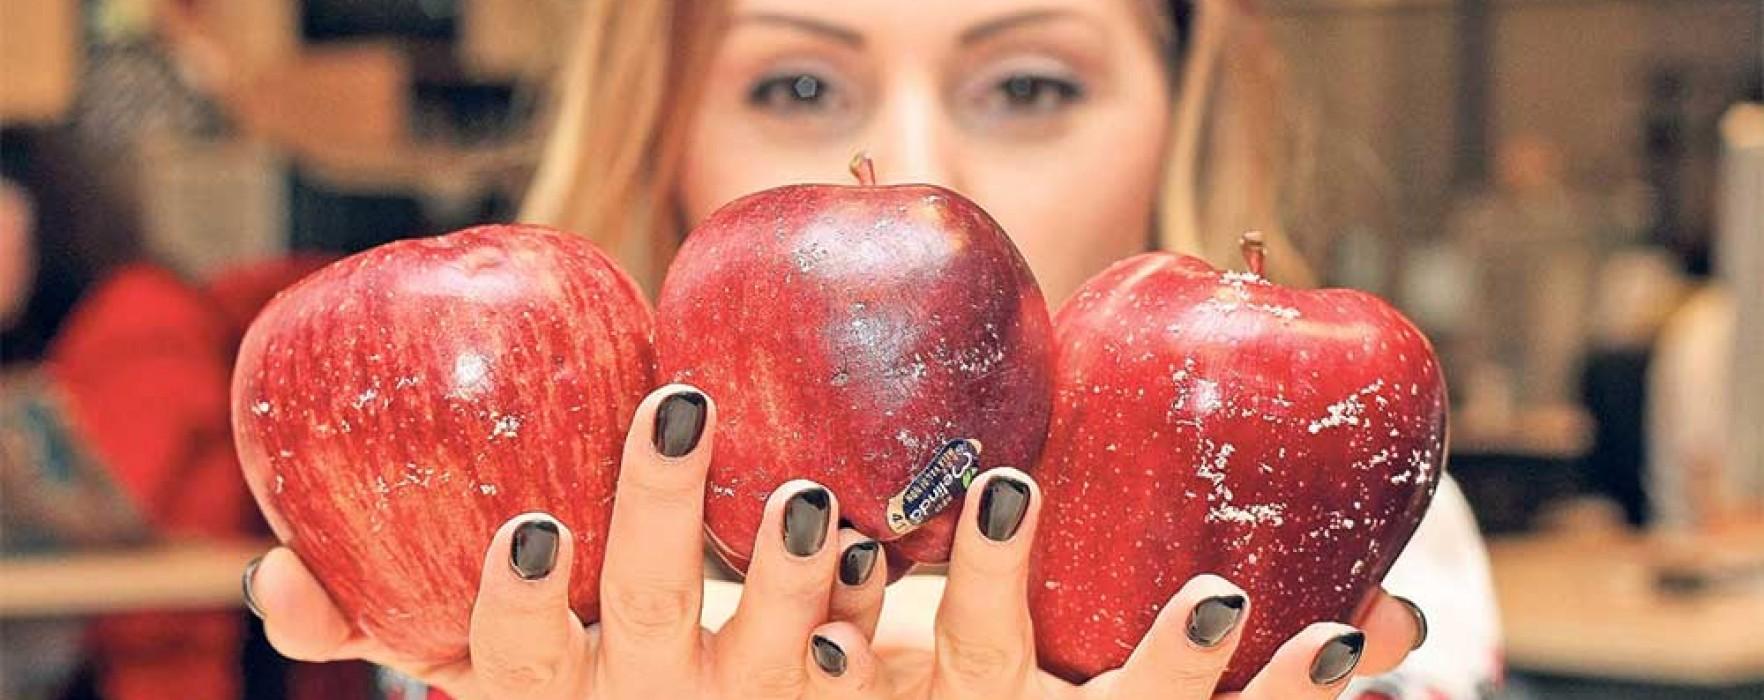 Un sfert din alimentele din România conţin pesticide. În top, merele autohtone